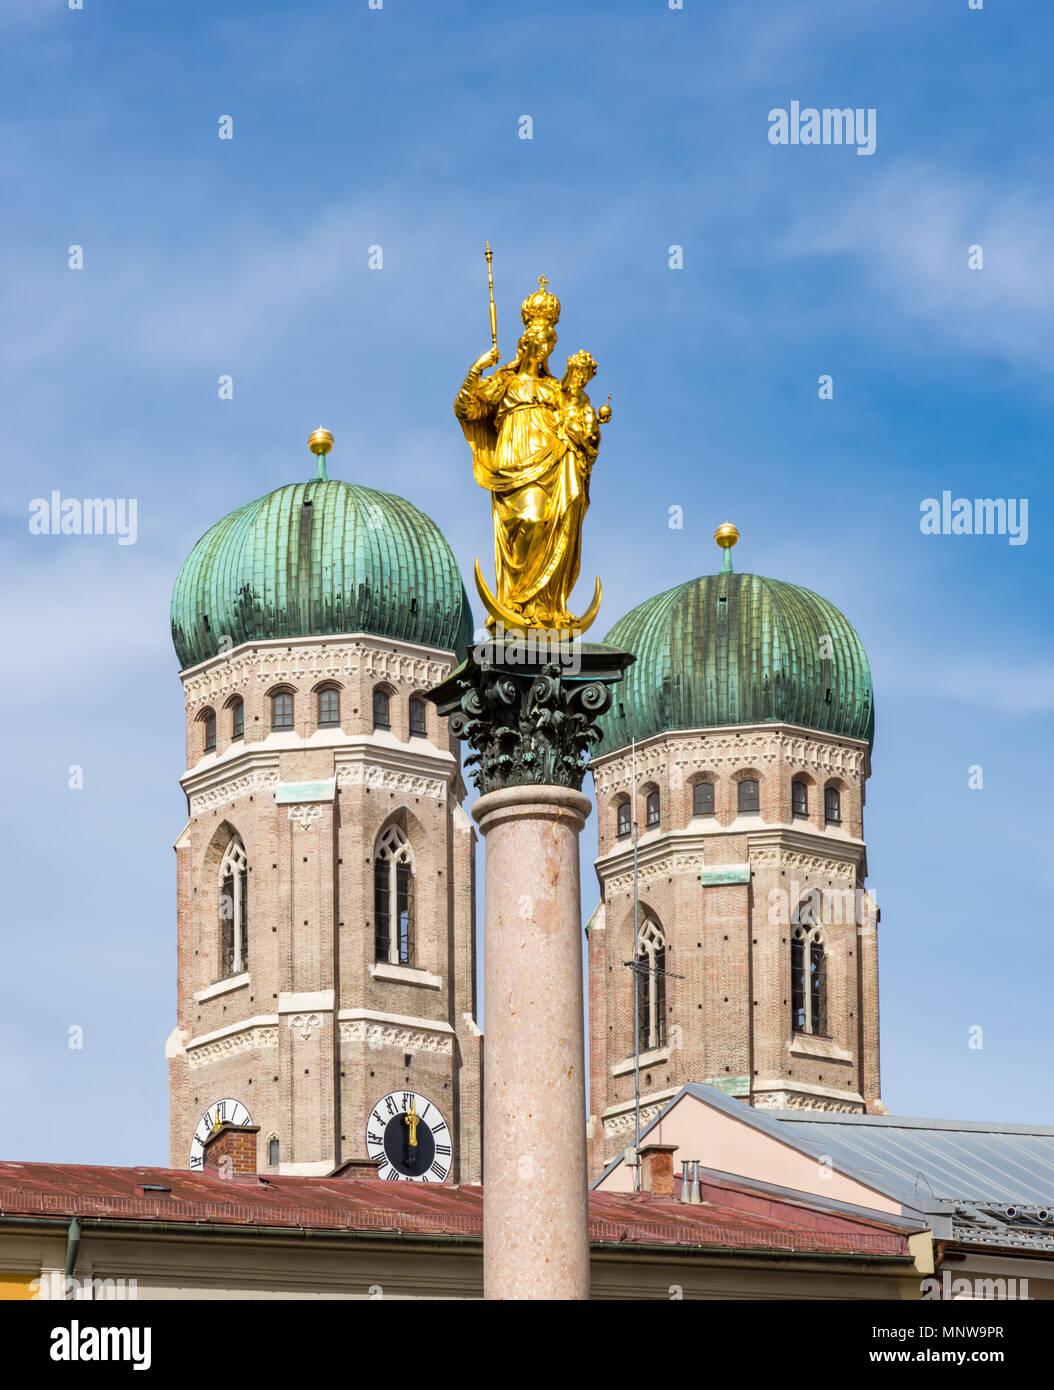 Colonna mariana e la cattedrale Frauenkirche di Monaco di Baviera Immagini Stock